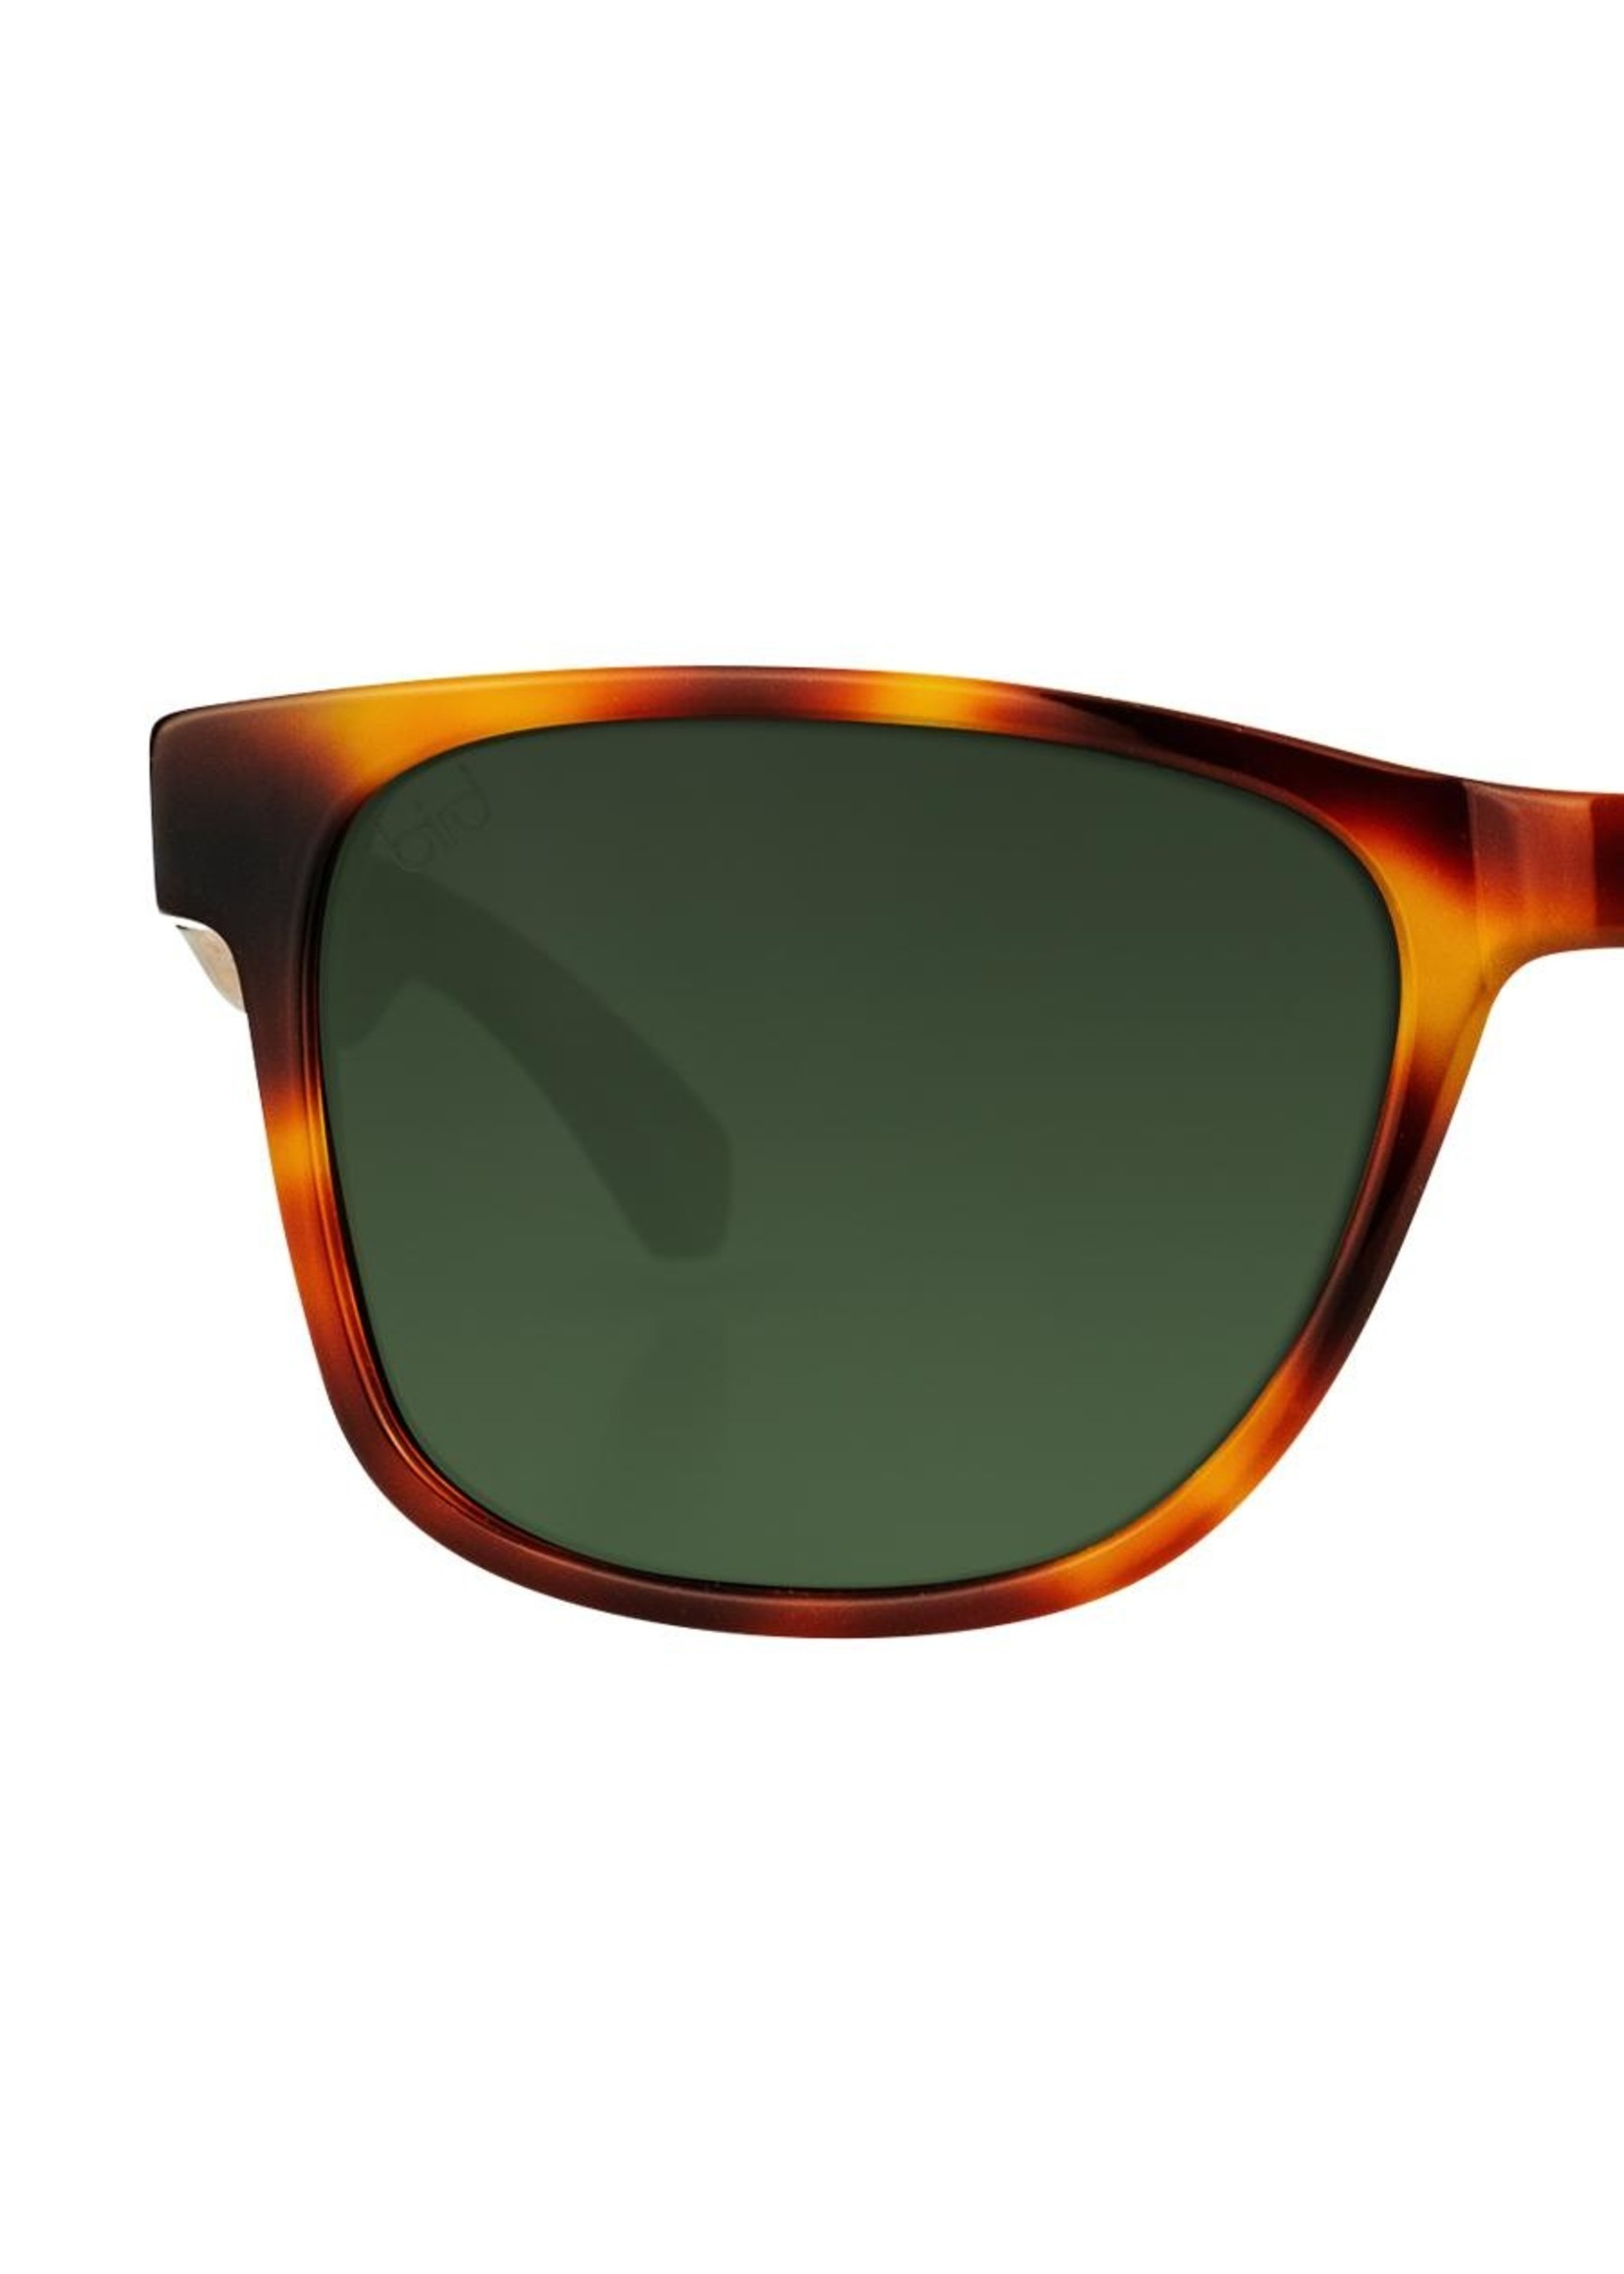 Bird Eyewear Bird Otus Sunglasses - Caramel